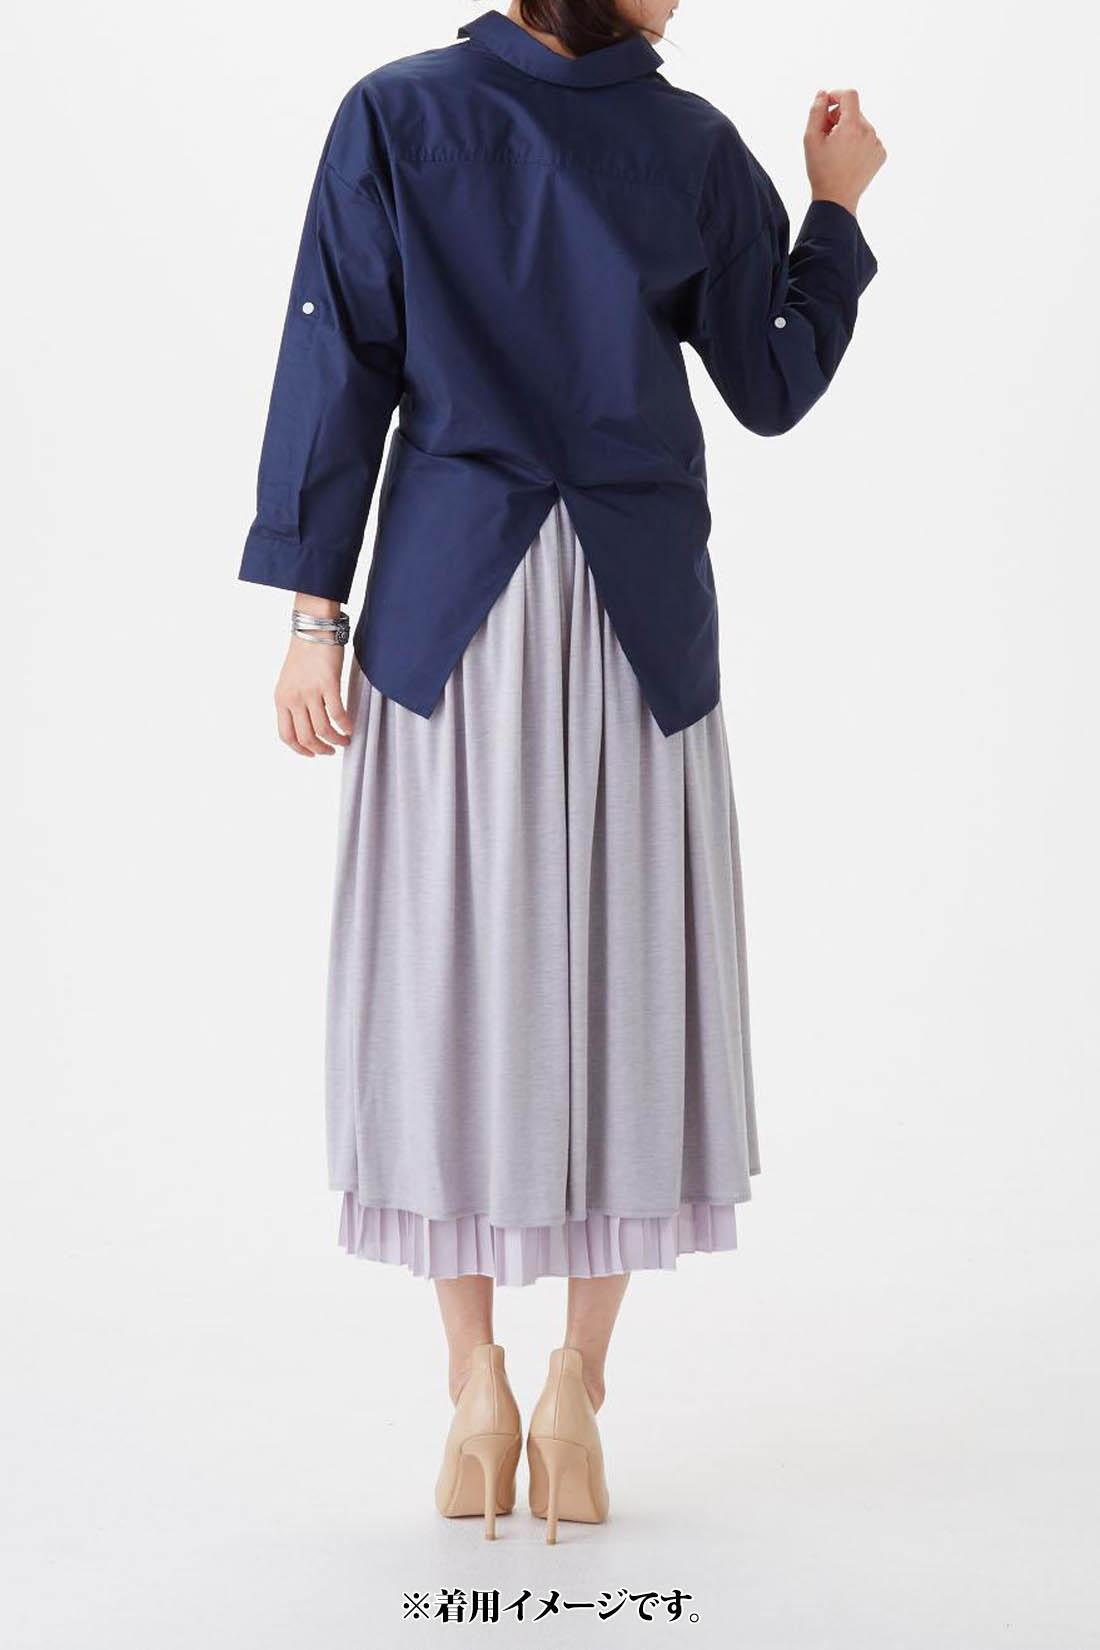 モデル身長:165cm 着用サイズ:M 袖を伸ばした時の長さの参考にされてください。お届けするカラーとは異なります。